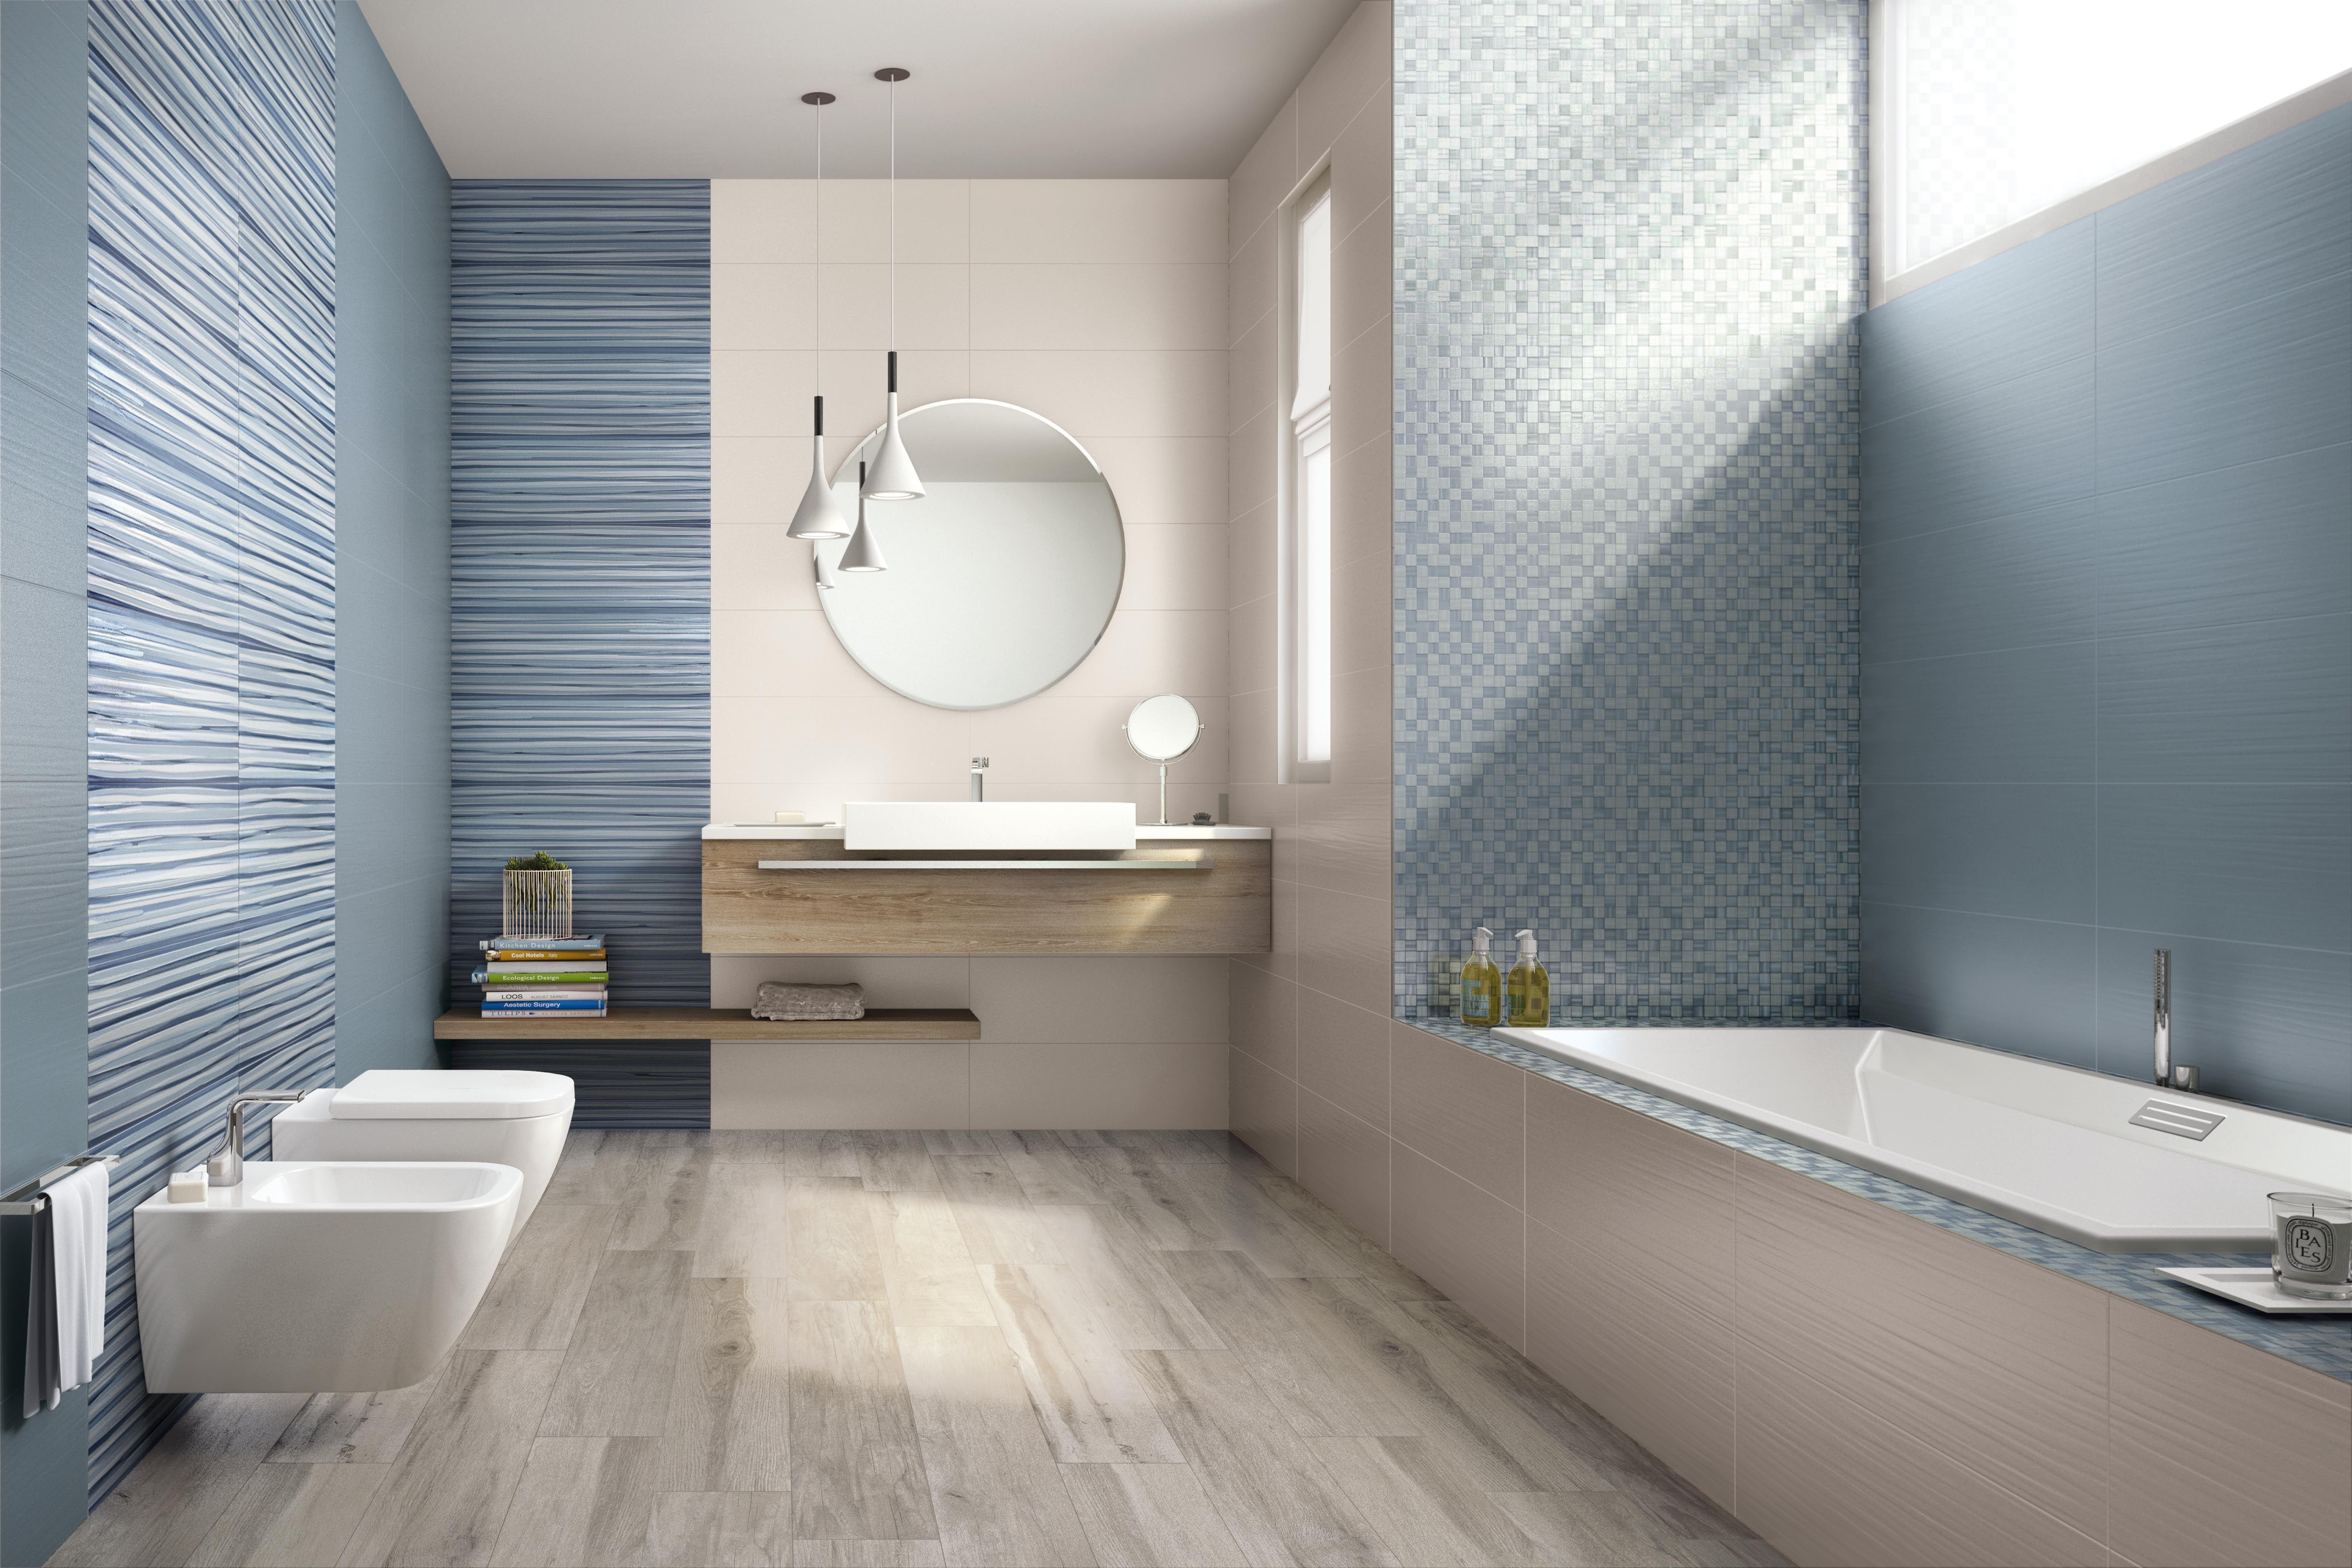 Pin di ceramiche supergres su lace rivestimento per bagni dalla morbida superficie bathroom - Piastrelle bagno legno ...